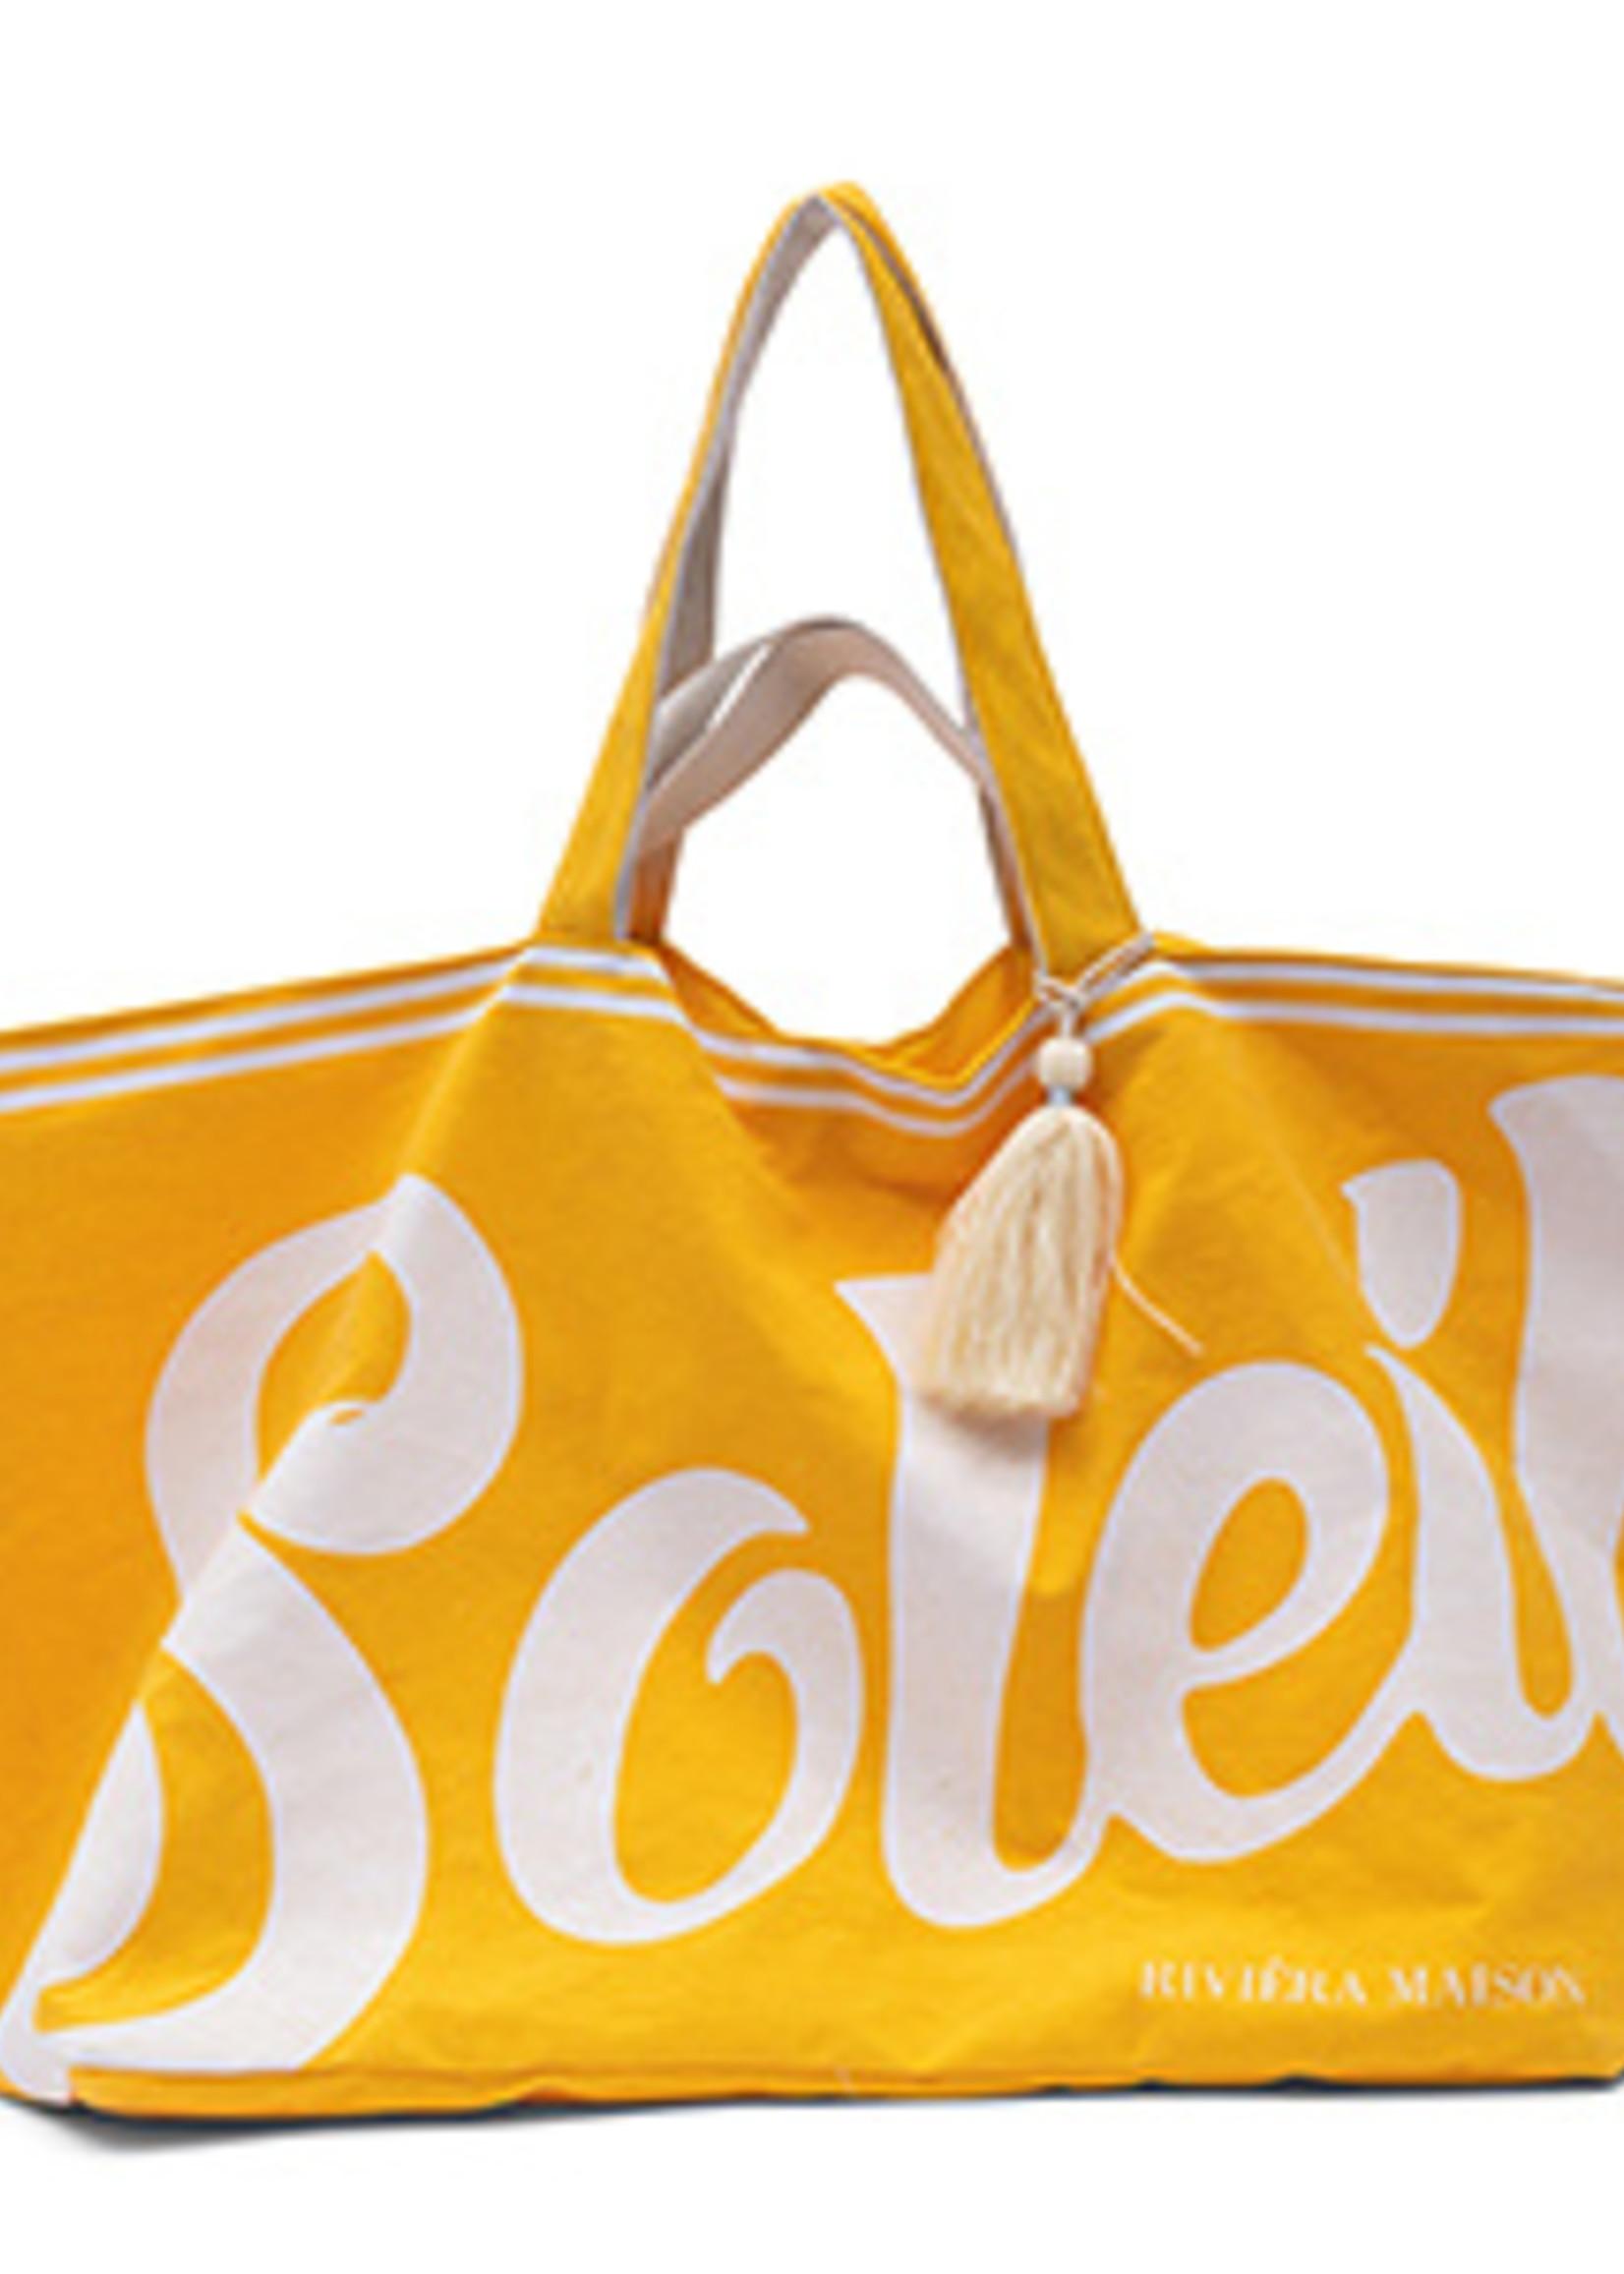 Riviera Maison Soleil Summer bag